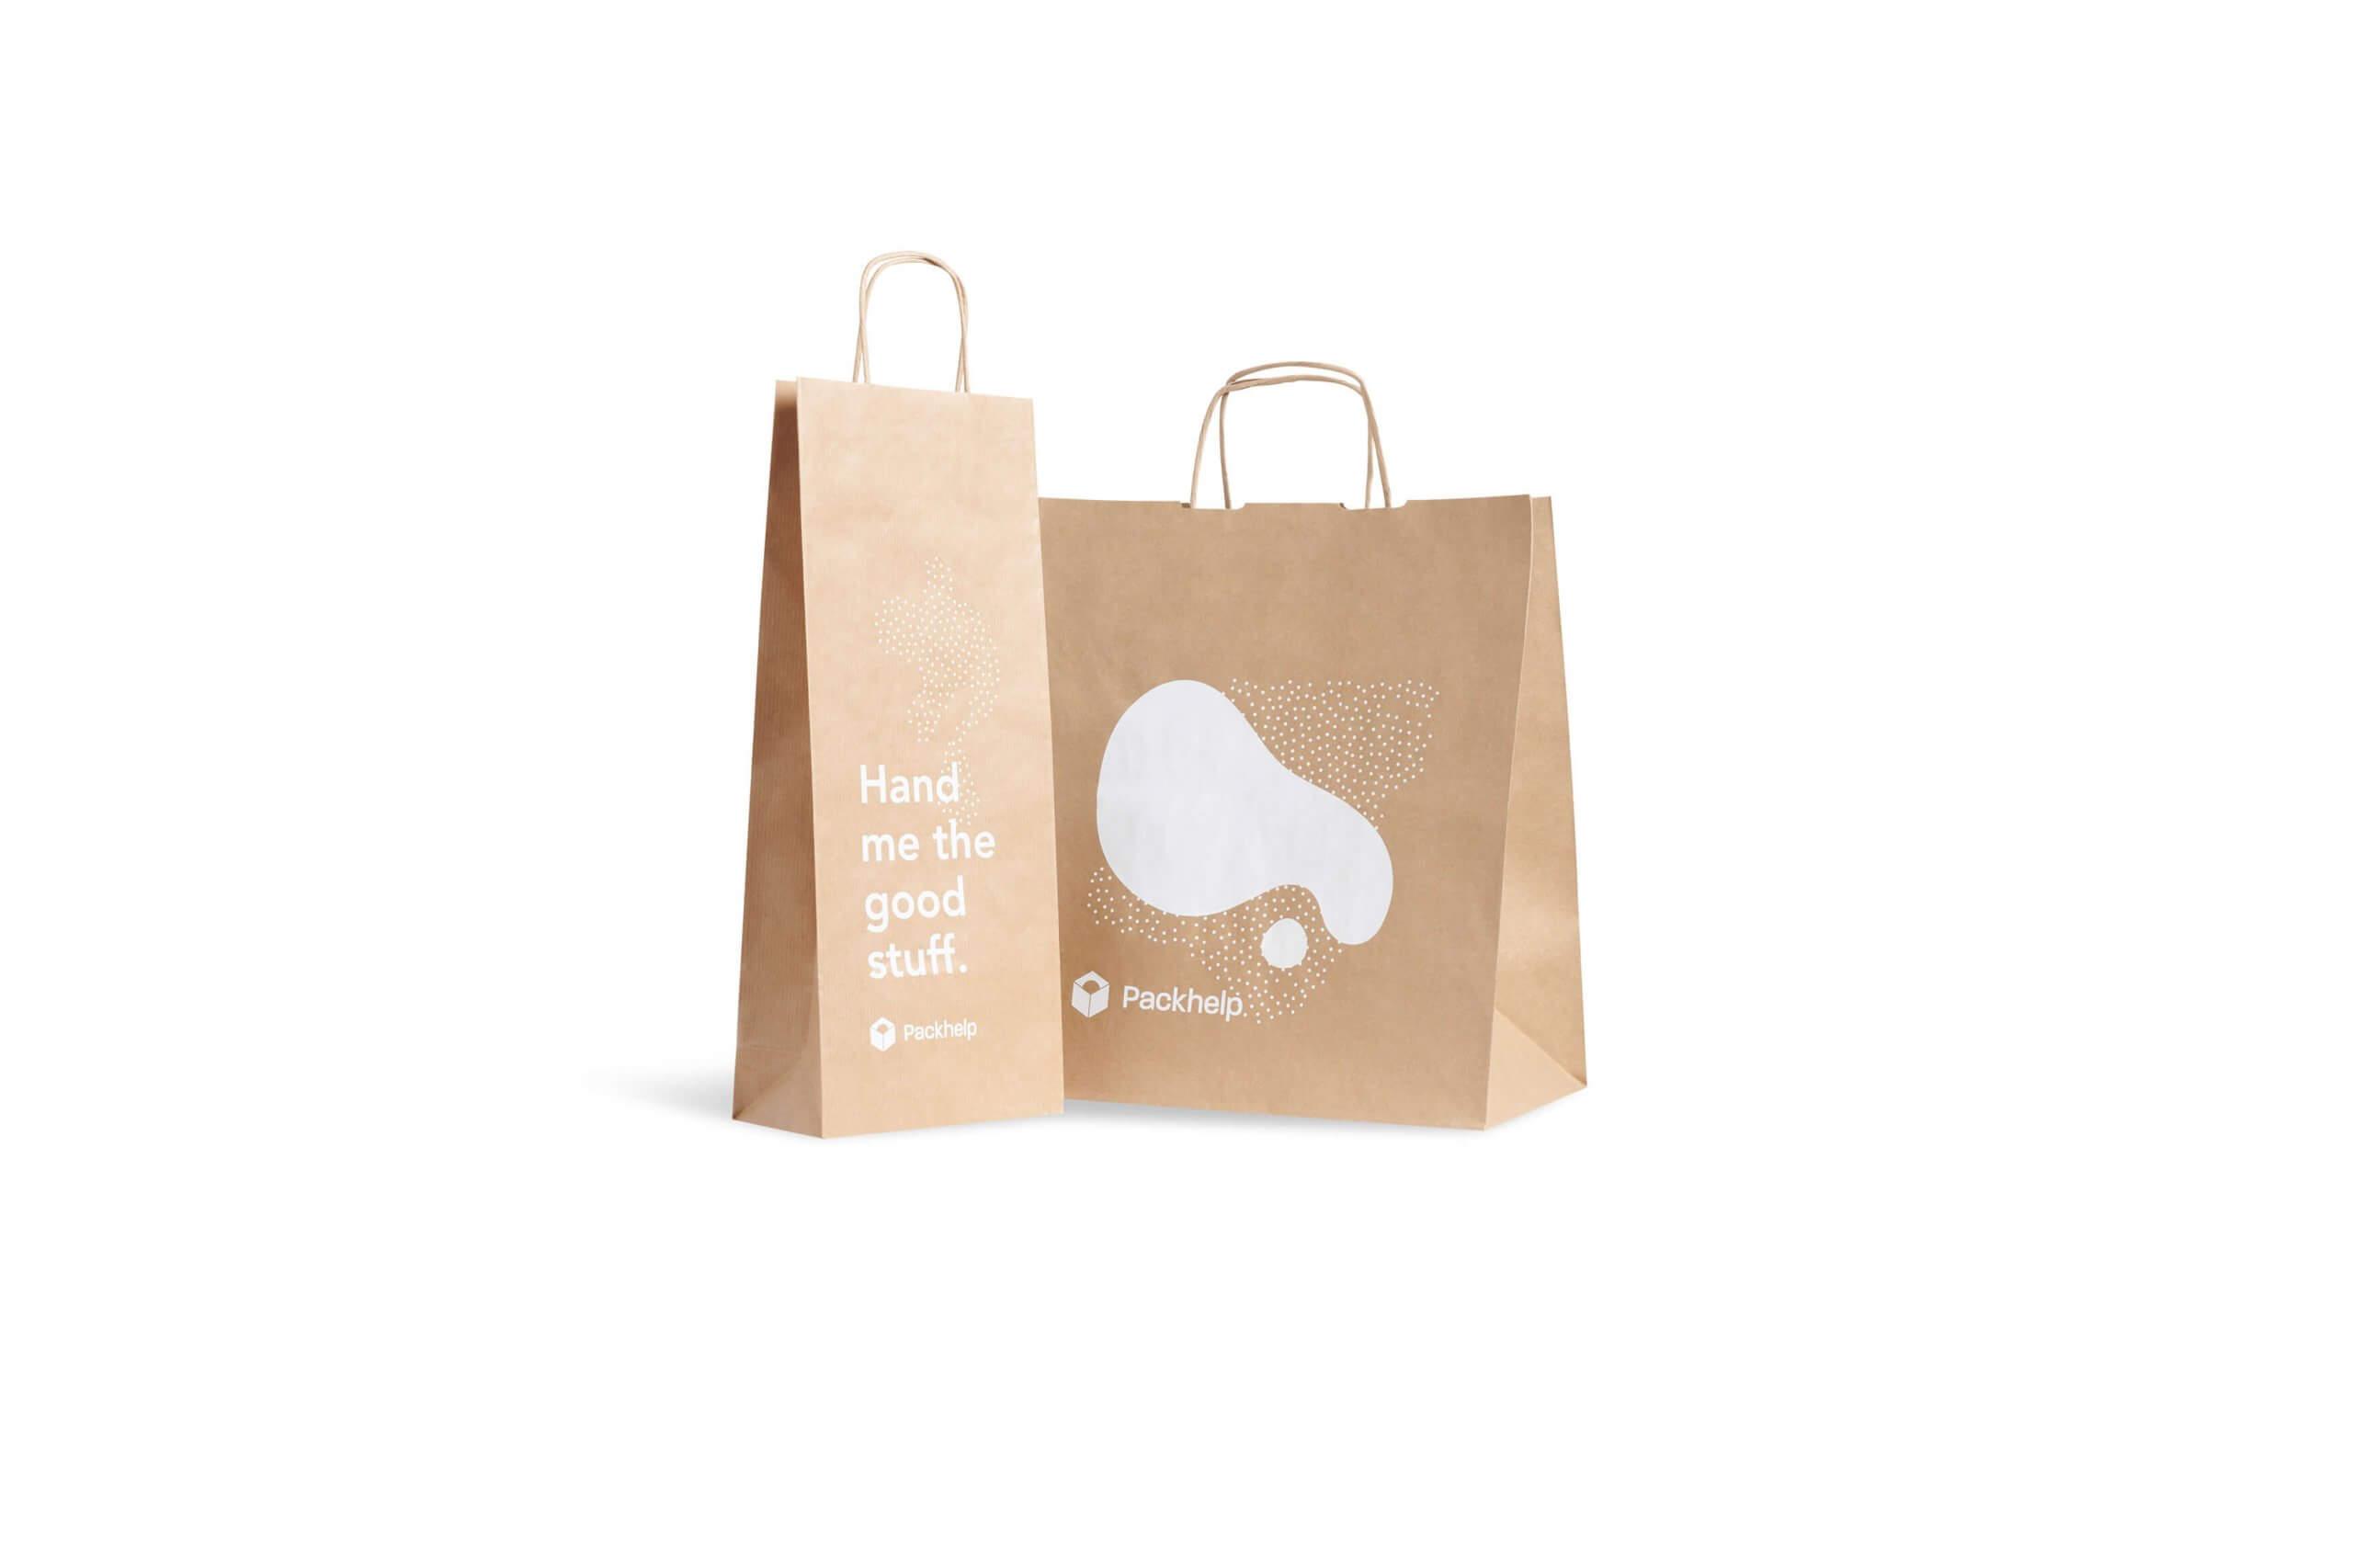 bolsas de papel reciclado para sustituir las bolsas de plástico tradicionales